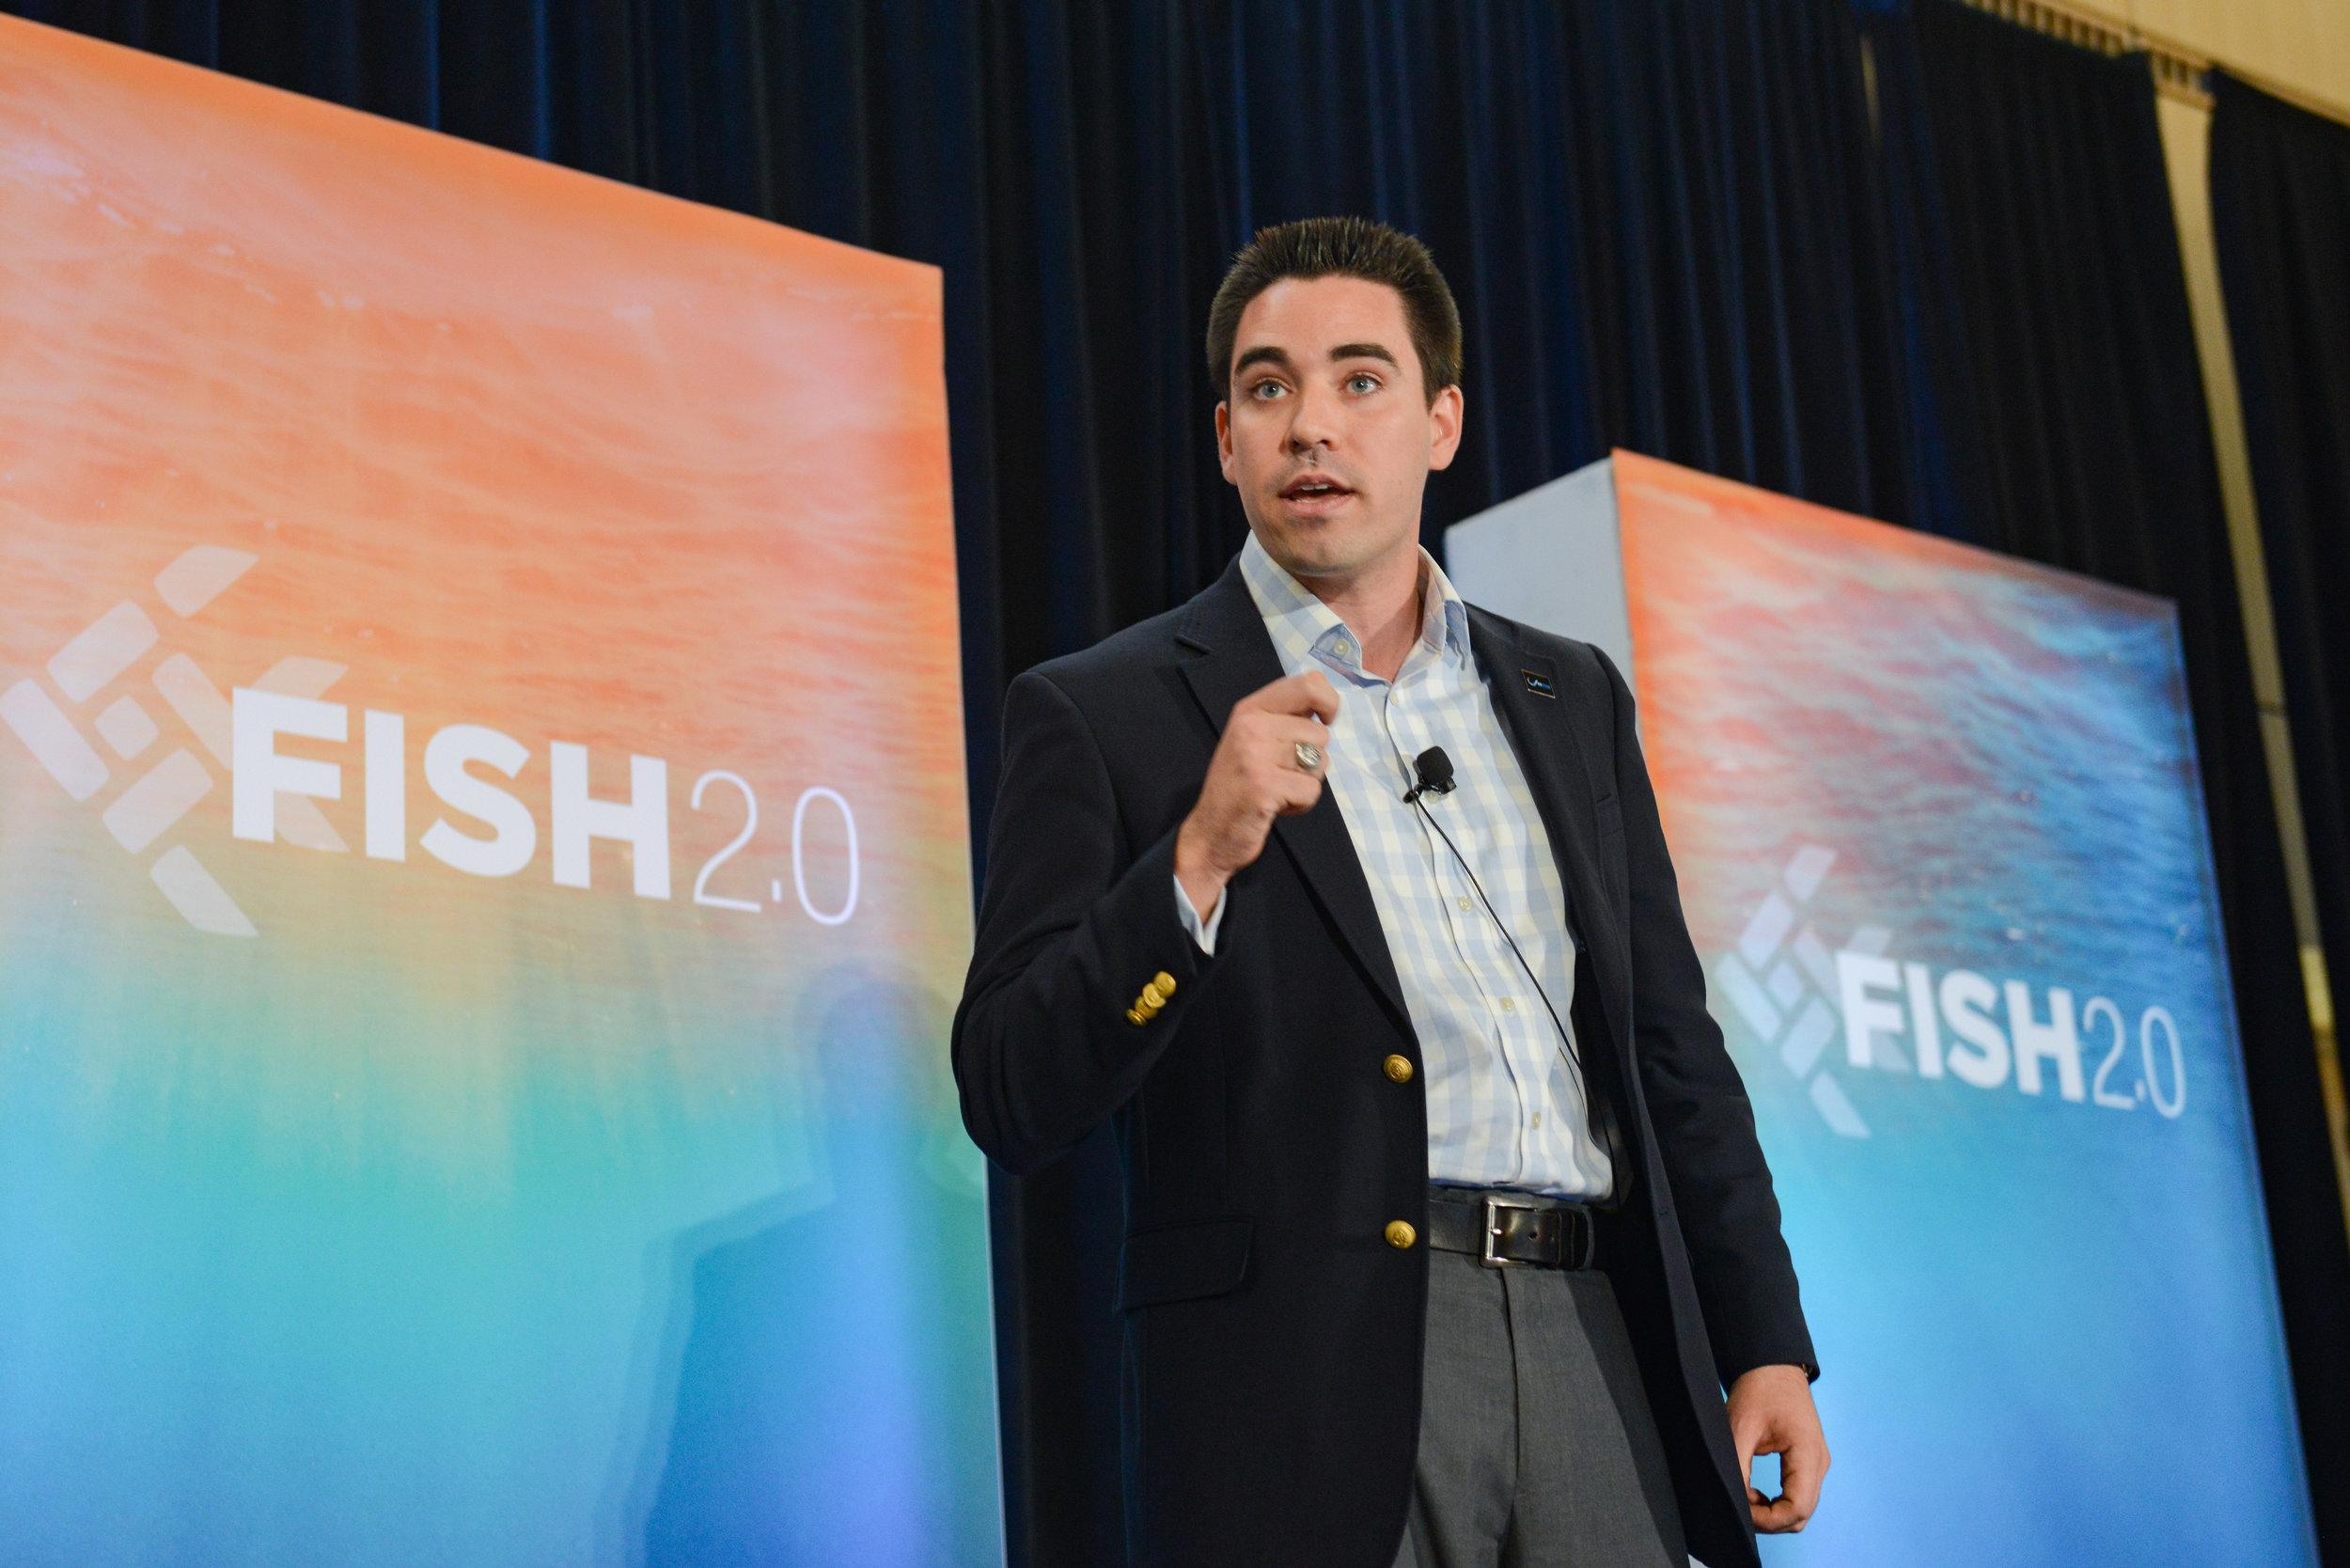 Matthew Merighi Pitches Blue Water Metrics at Fish 2.0 Finals - Blue Water Metrics was one of 40 finalists